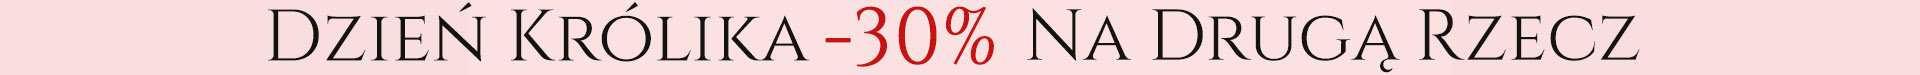 Dzień Królika -30% na drugą rzecz